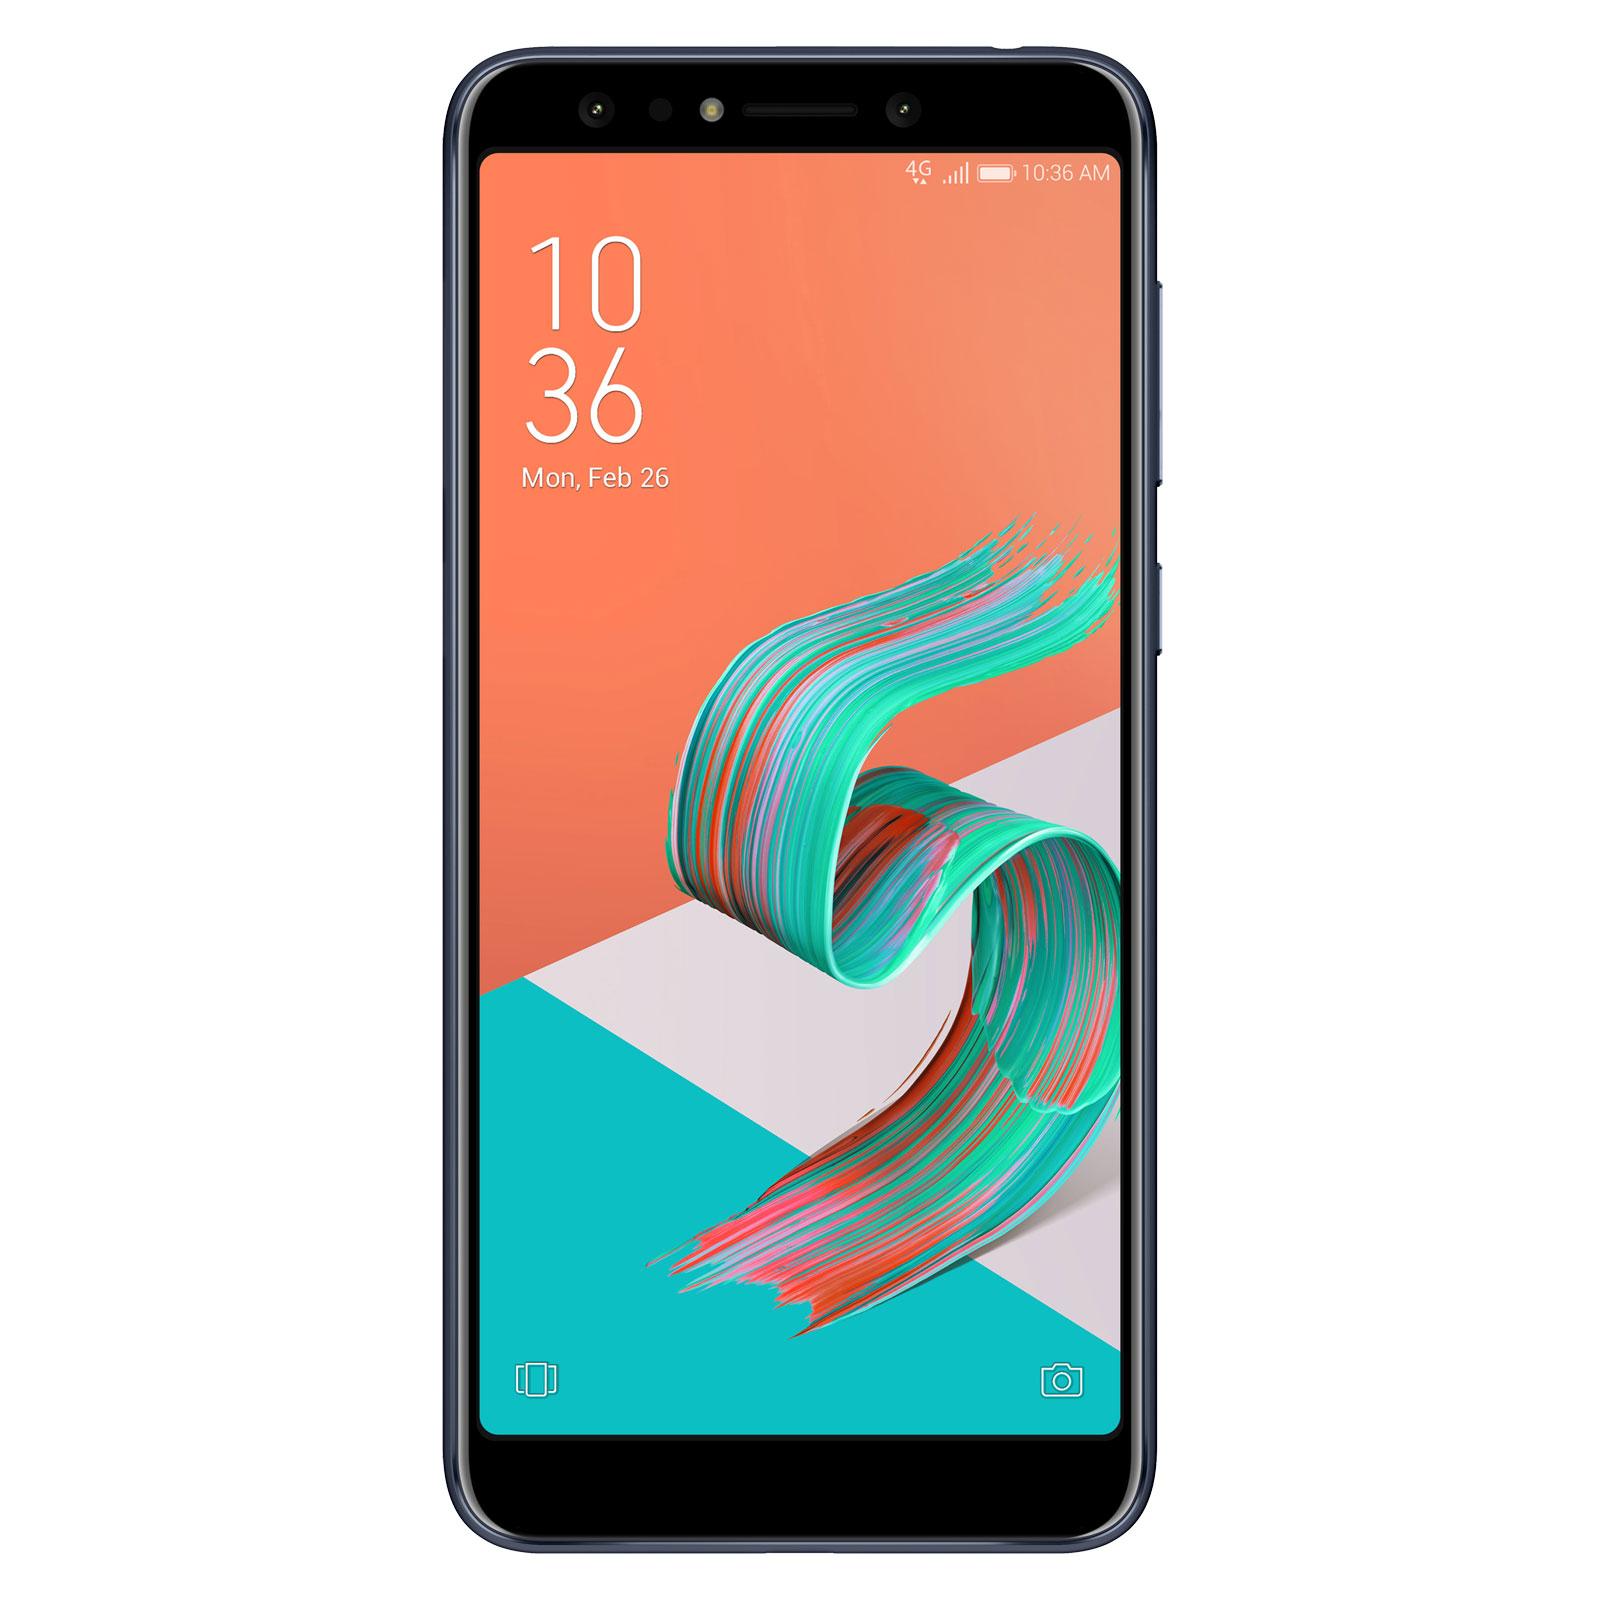 """Mobile & smartphone ASUS ZenFone 5 Lite ZC600KL Noir Smartphone 4G-LTE Dual SIM - Snapdragon 630 8-Core 1.9 GHz - RAM 4 Go - Ecran tactile 6"""" 1080 x 2160 - 64 Go - Bluetooth 4.1 - 3300 mAh - Android 7.1"""